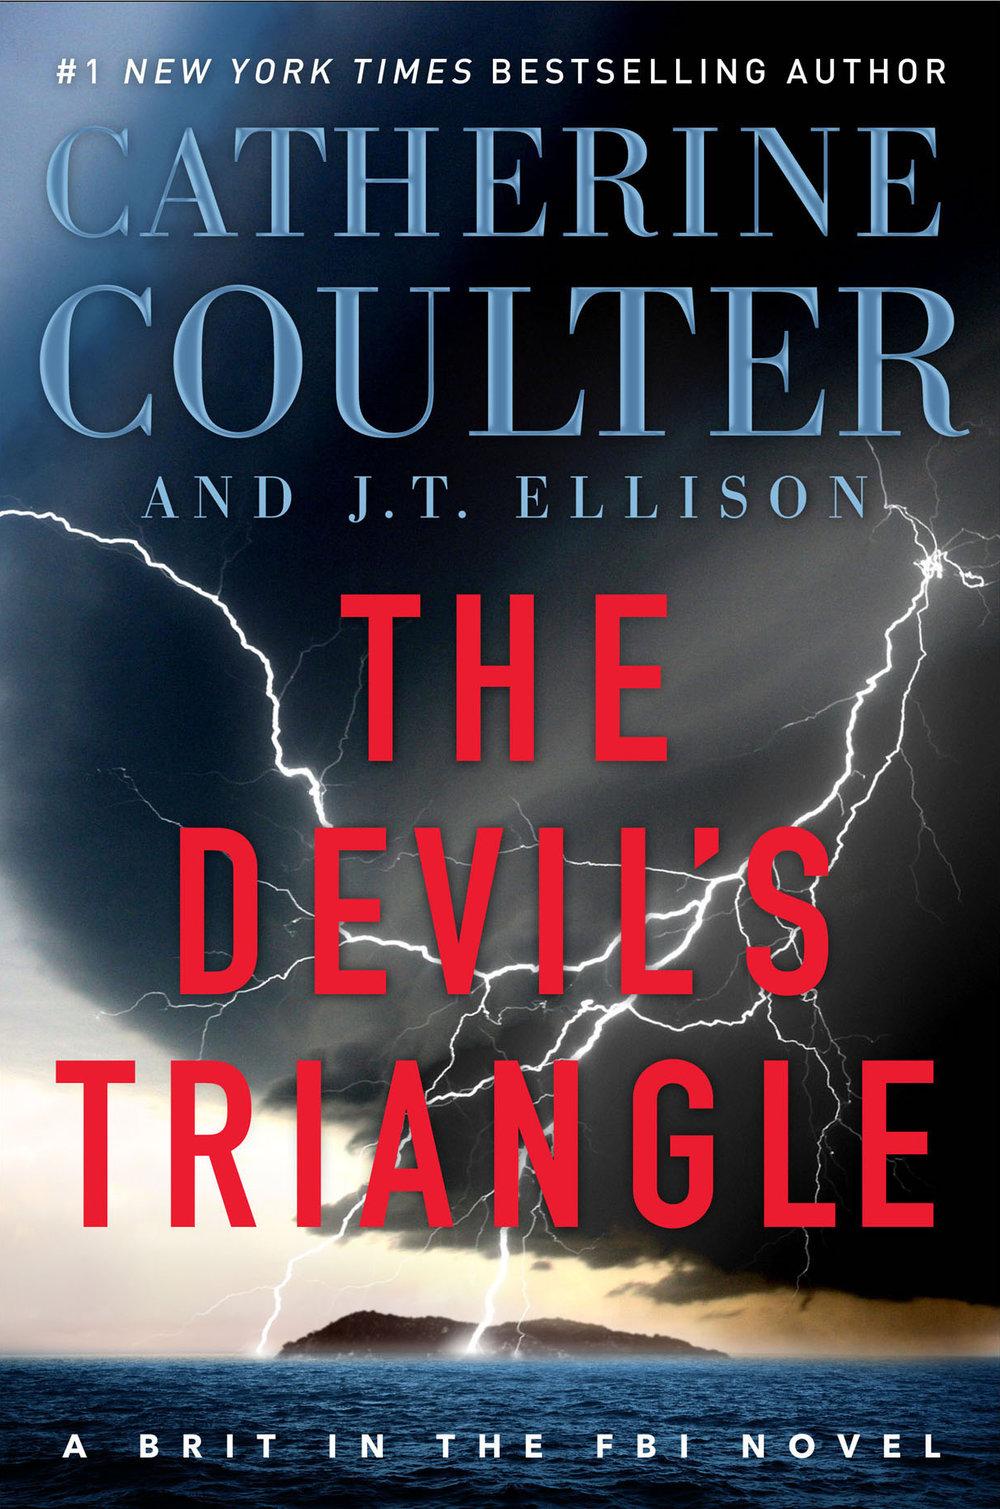 #4 - The Devil's Triangle